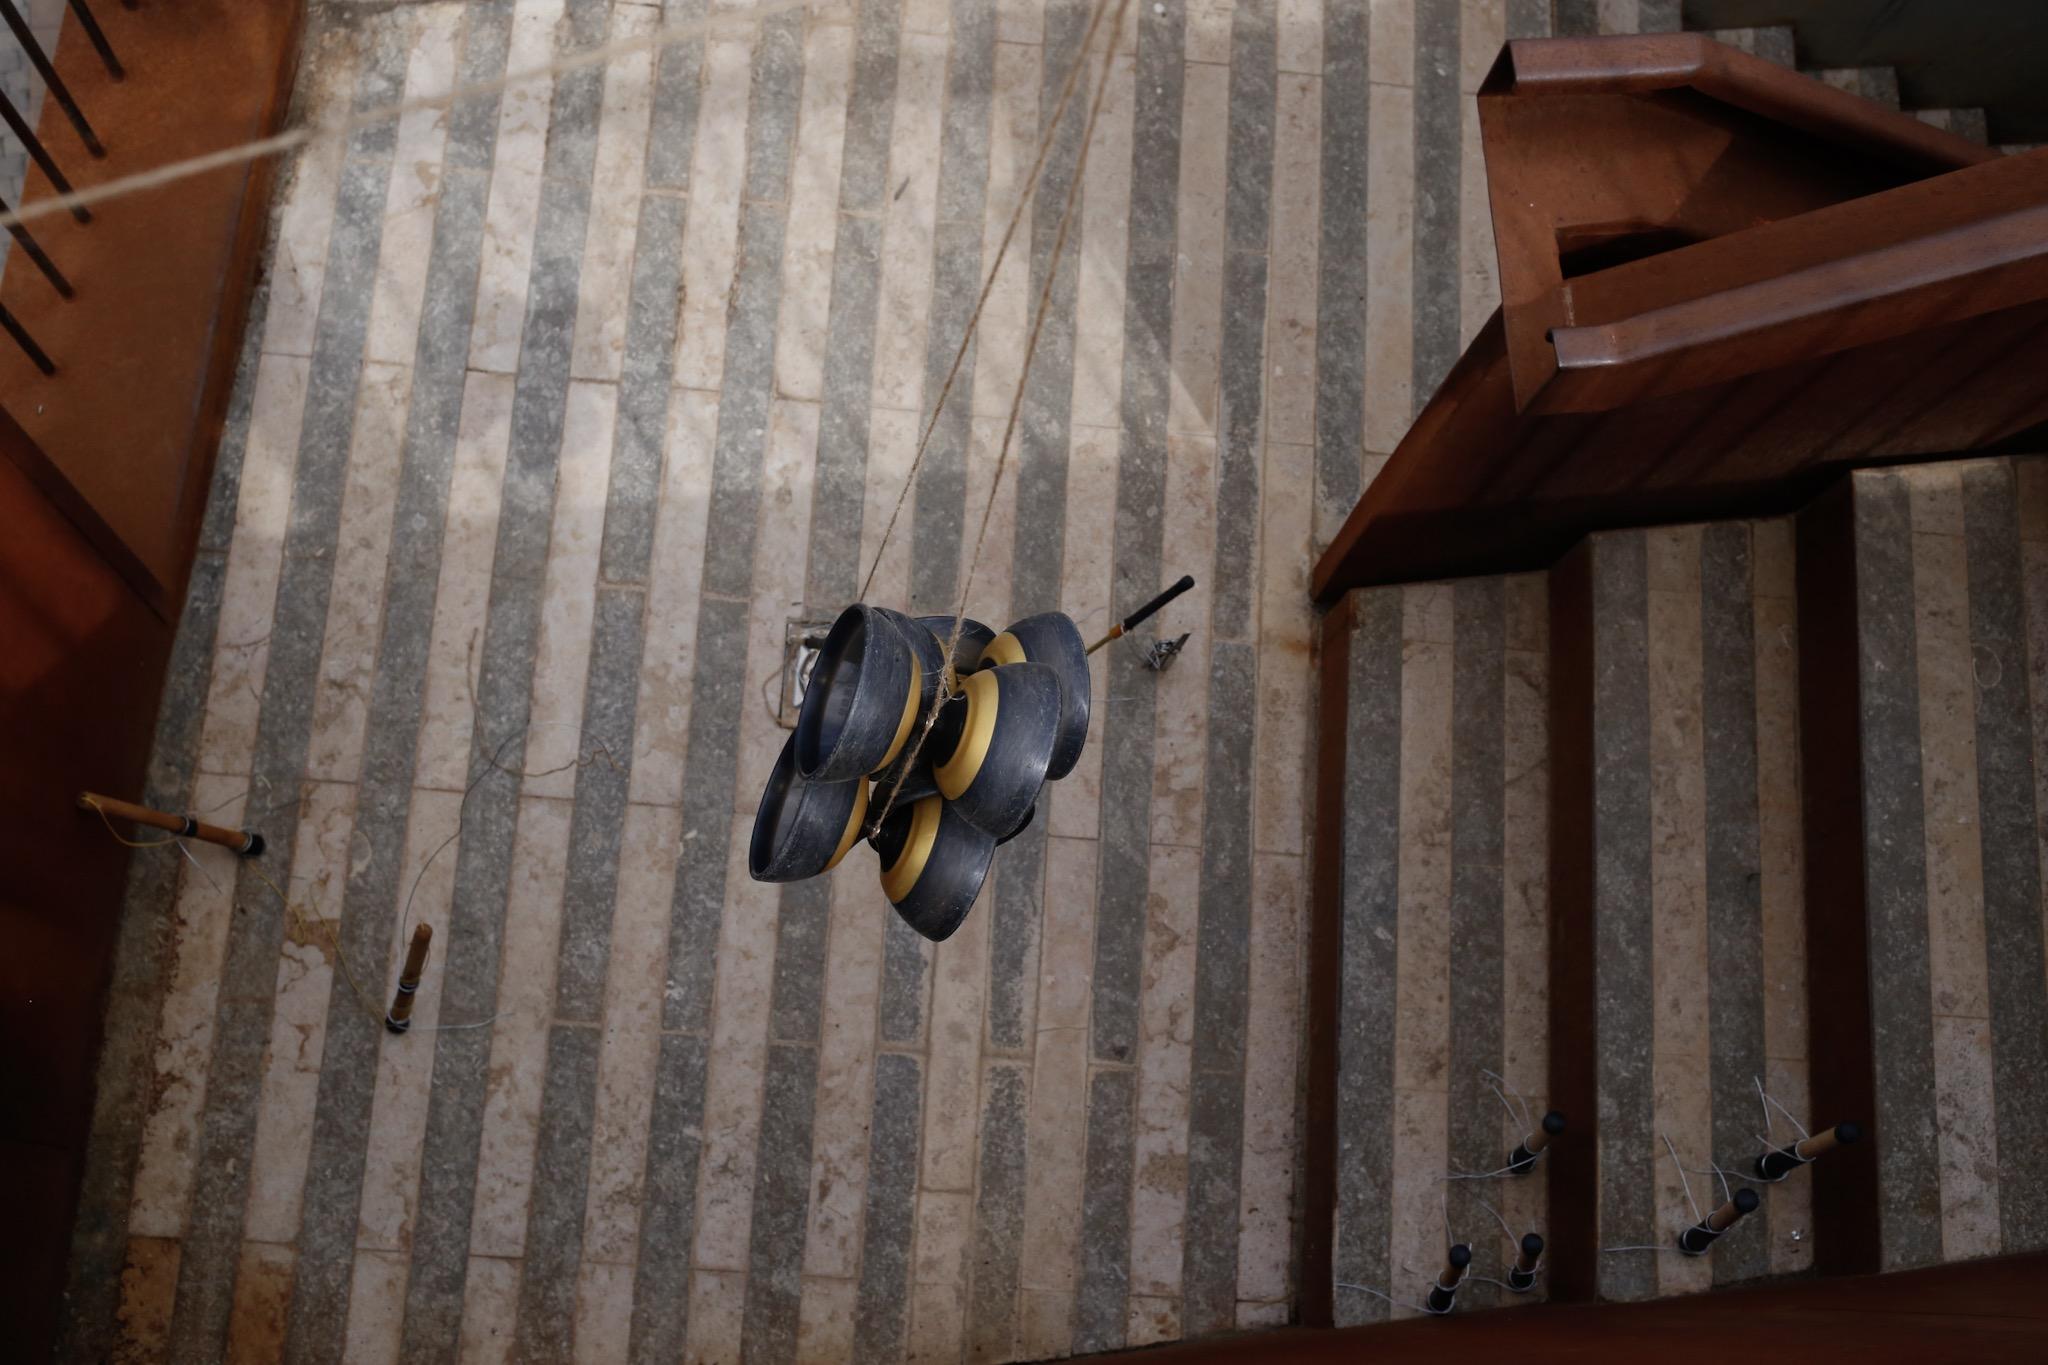 blog | troposfera.xyz by Didac Gilabert | laboratóri sobre escenografía y politica | @vintiset-net